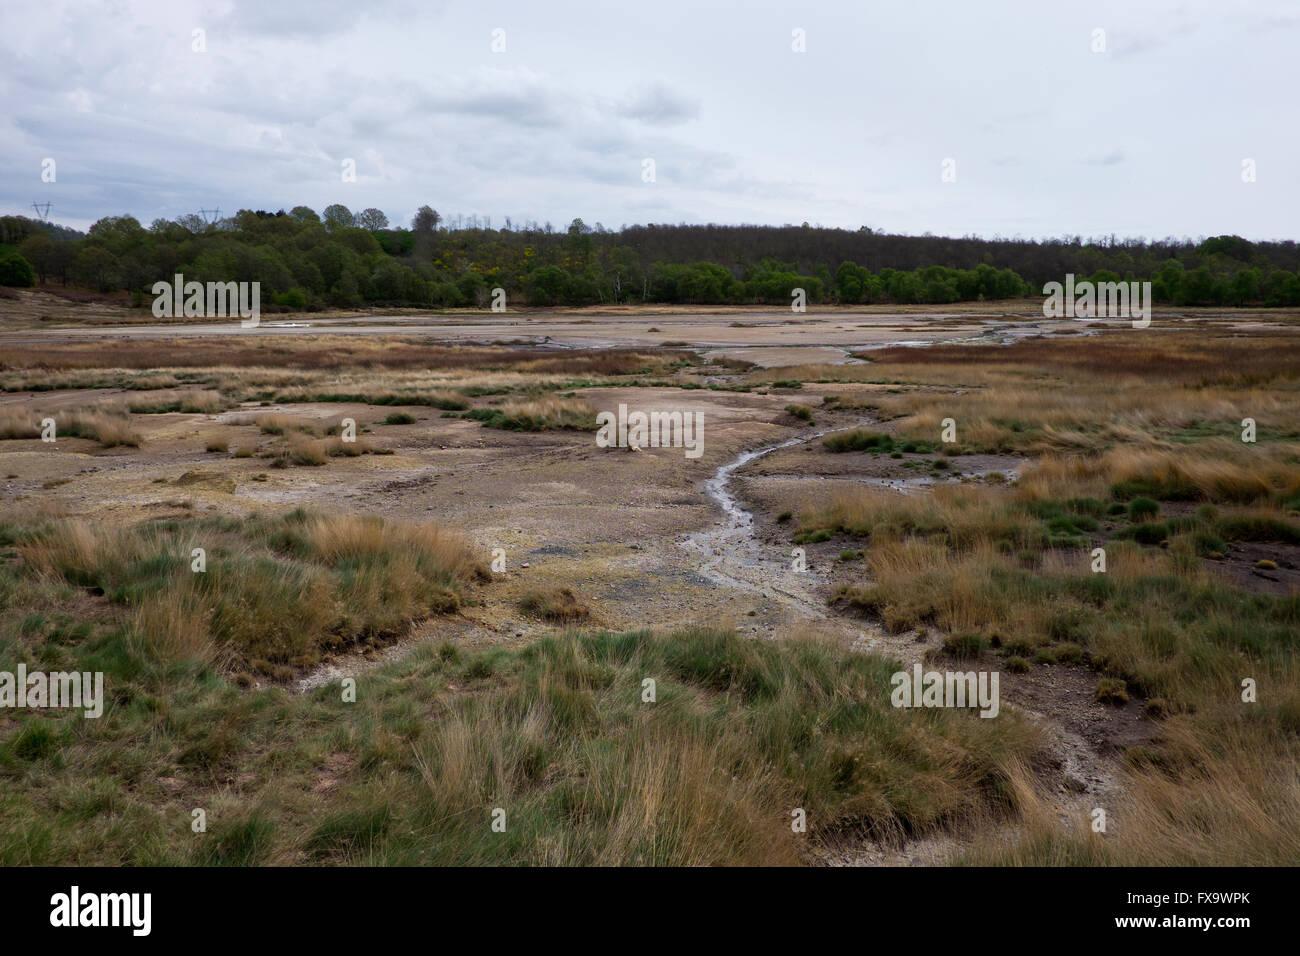 Naturally occuring sulphurous bog in Manziana near Bracciano in lazio, Italy - Stock Image